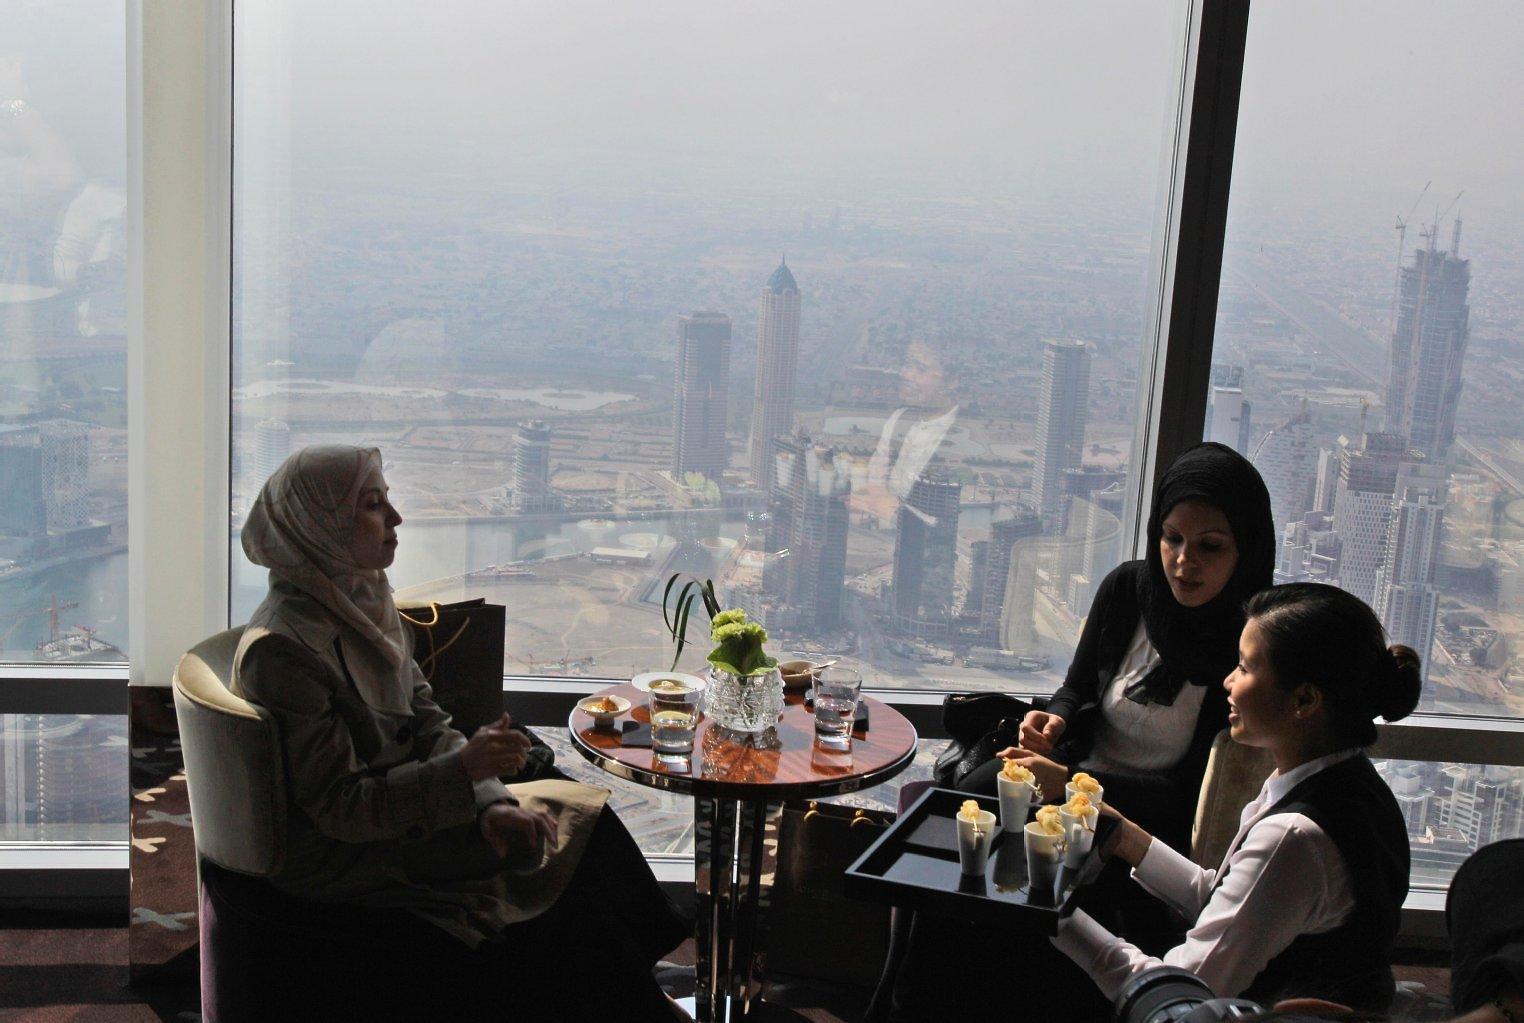 تمتع بغذاء فاخر في جناح أبوظبي على ارتفاع 220 مترًا